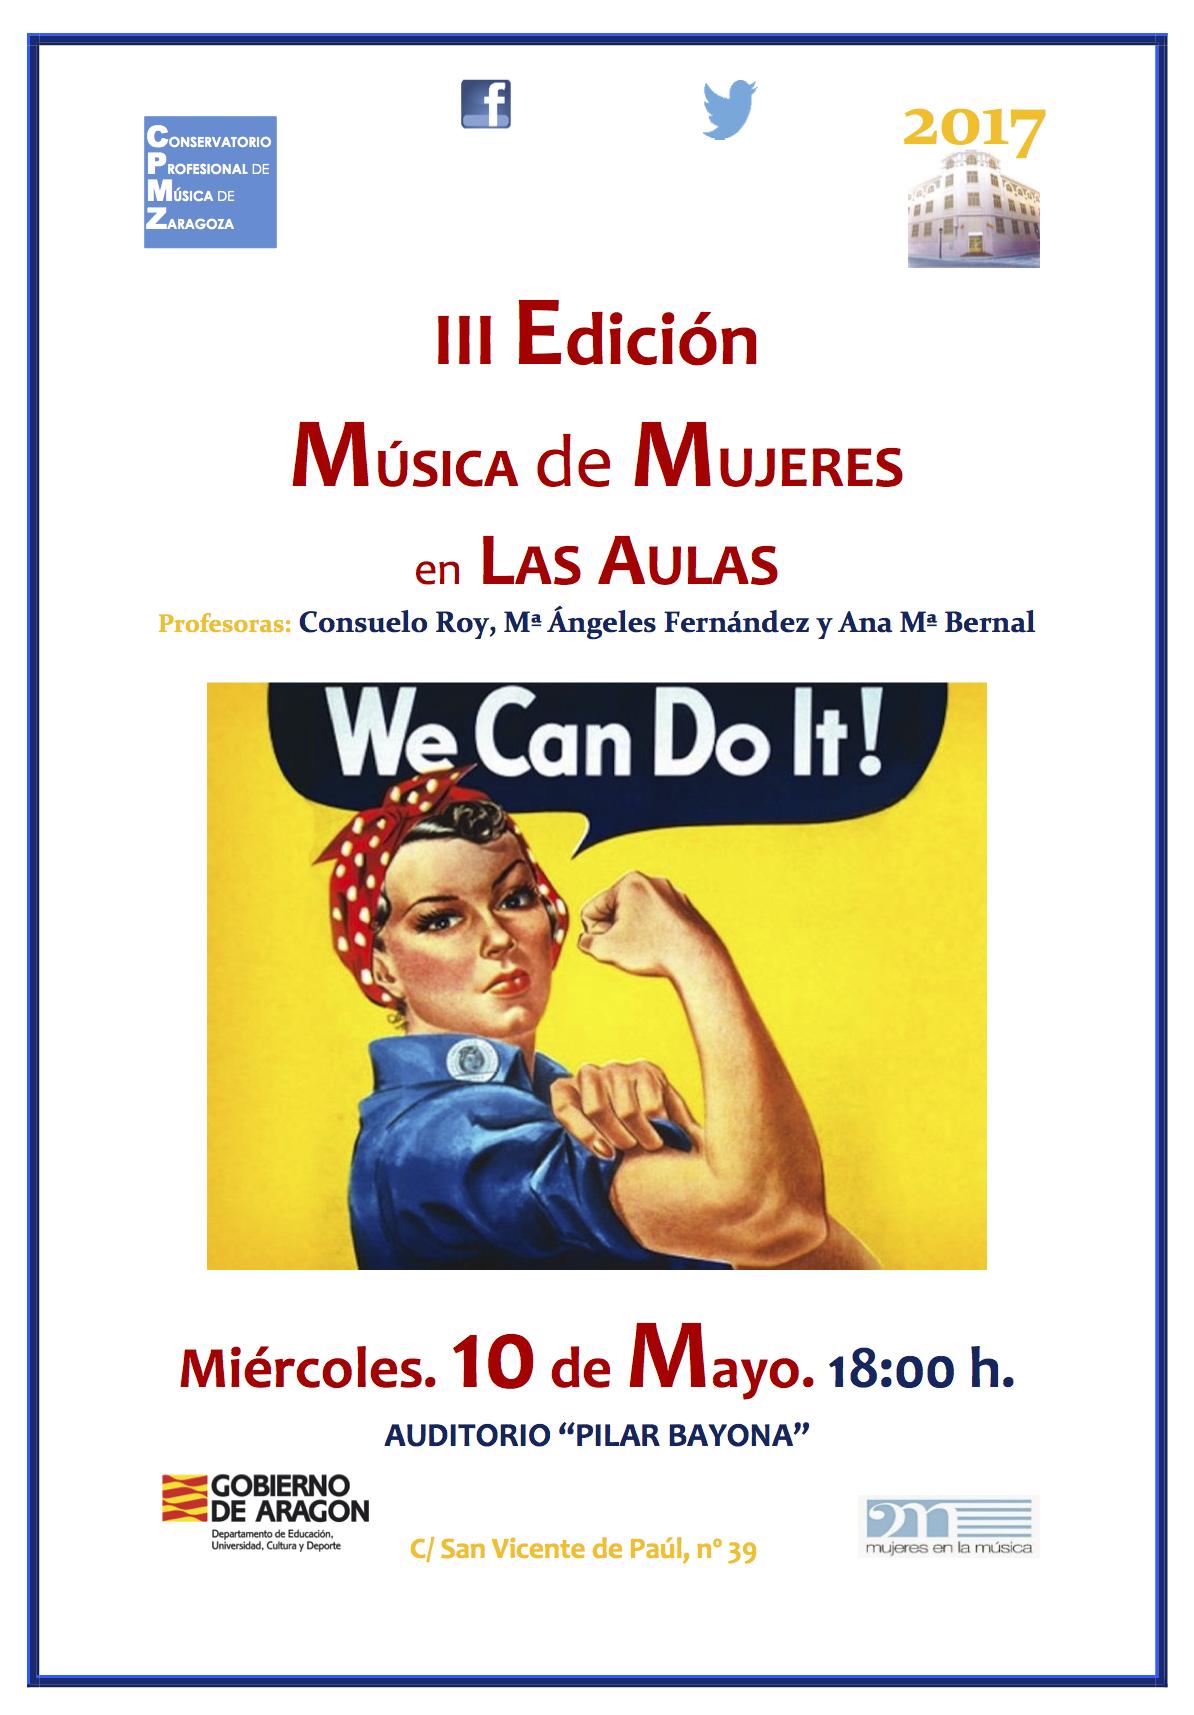 Cartel 2017. Conservatorio Prfesional de Música de Zaragoza. III Edición Müsica de Mujeres en las Aulas.